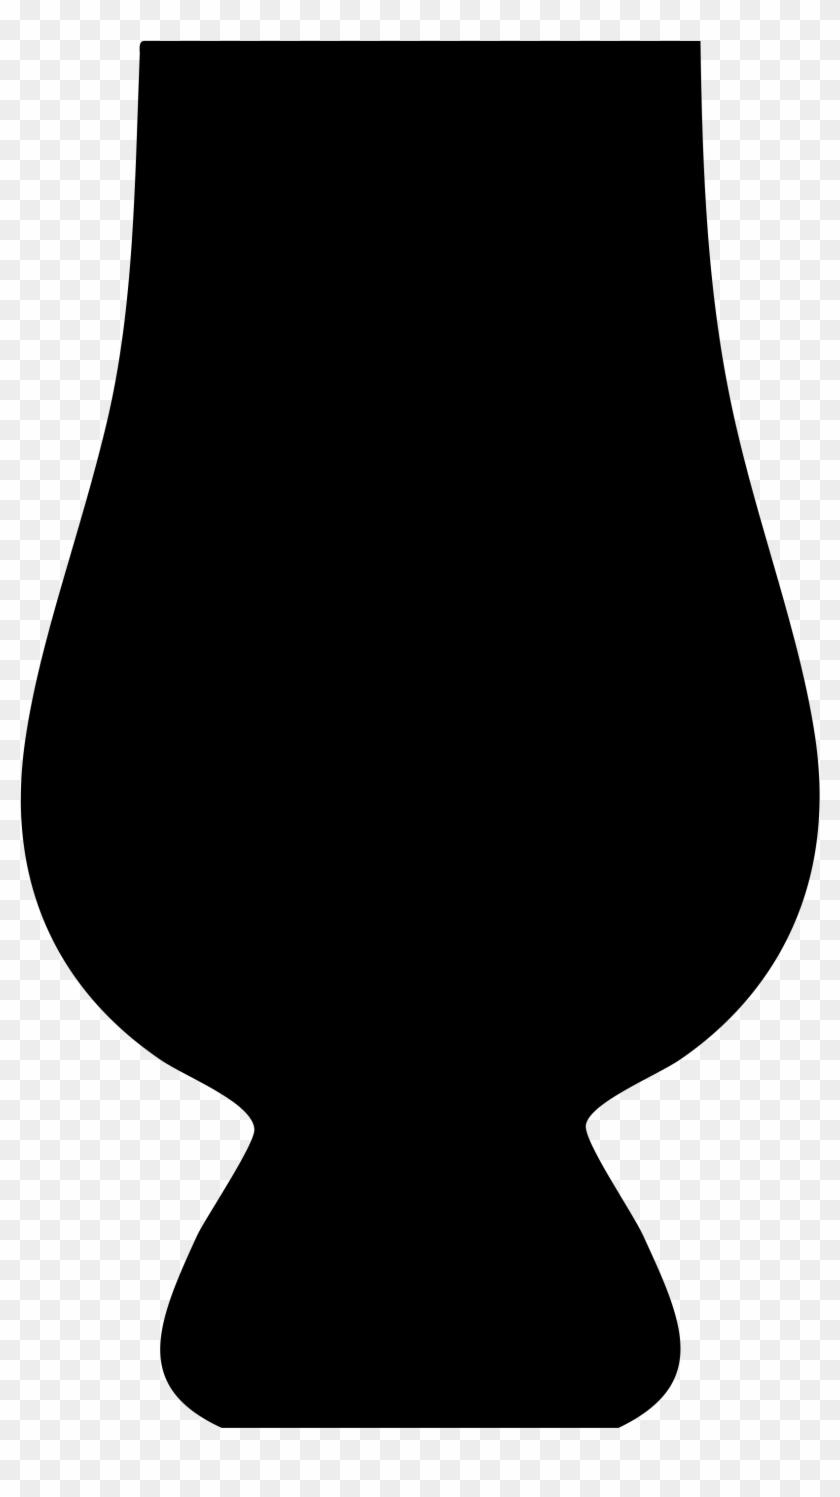 Glencairn Whisky Glass Silhouette - Whisky Glass Silhouette #196104